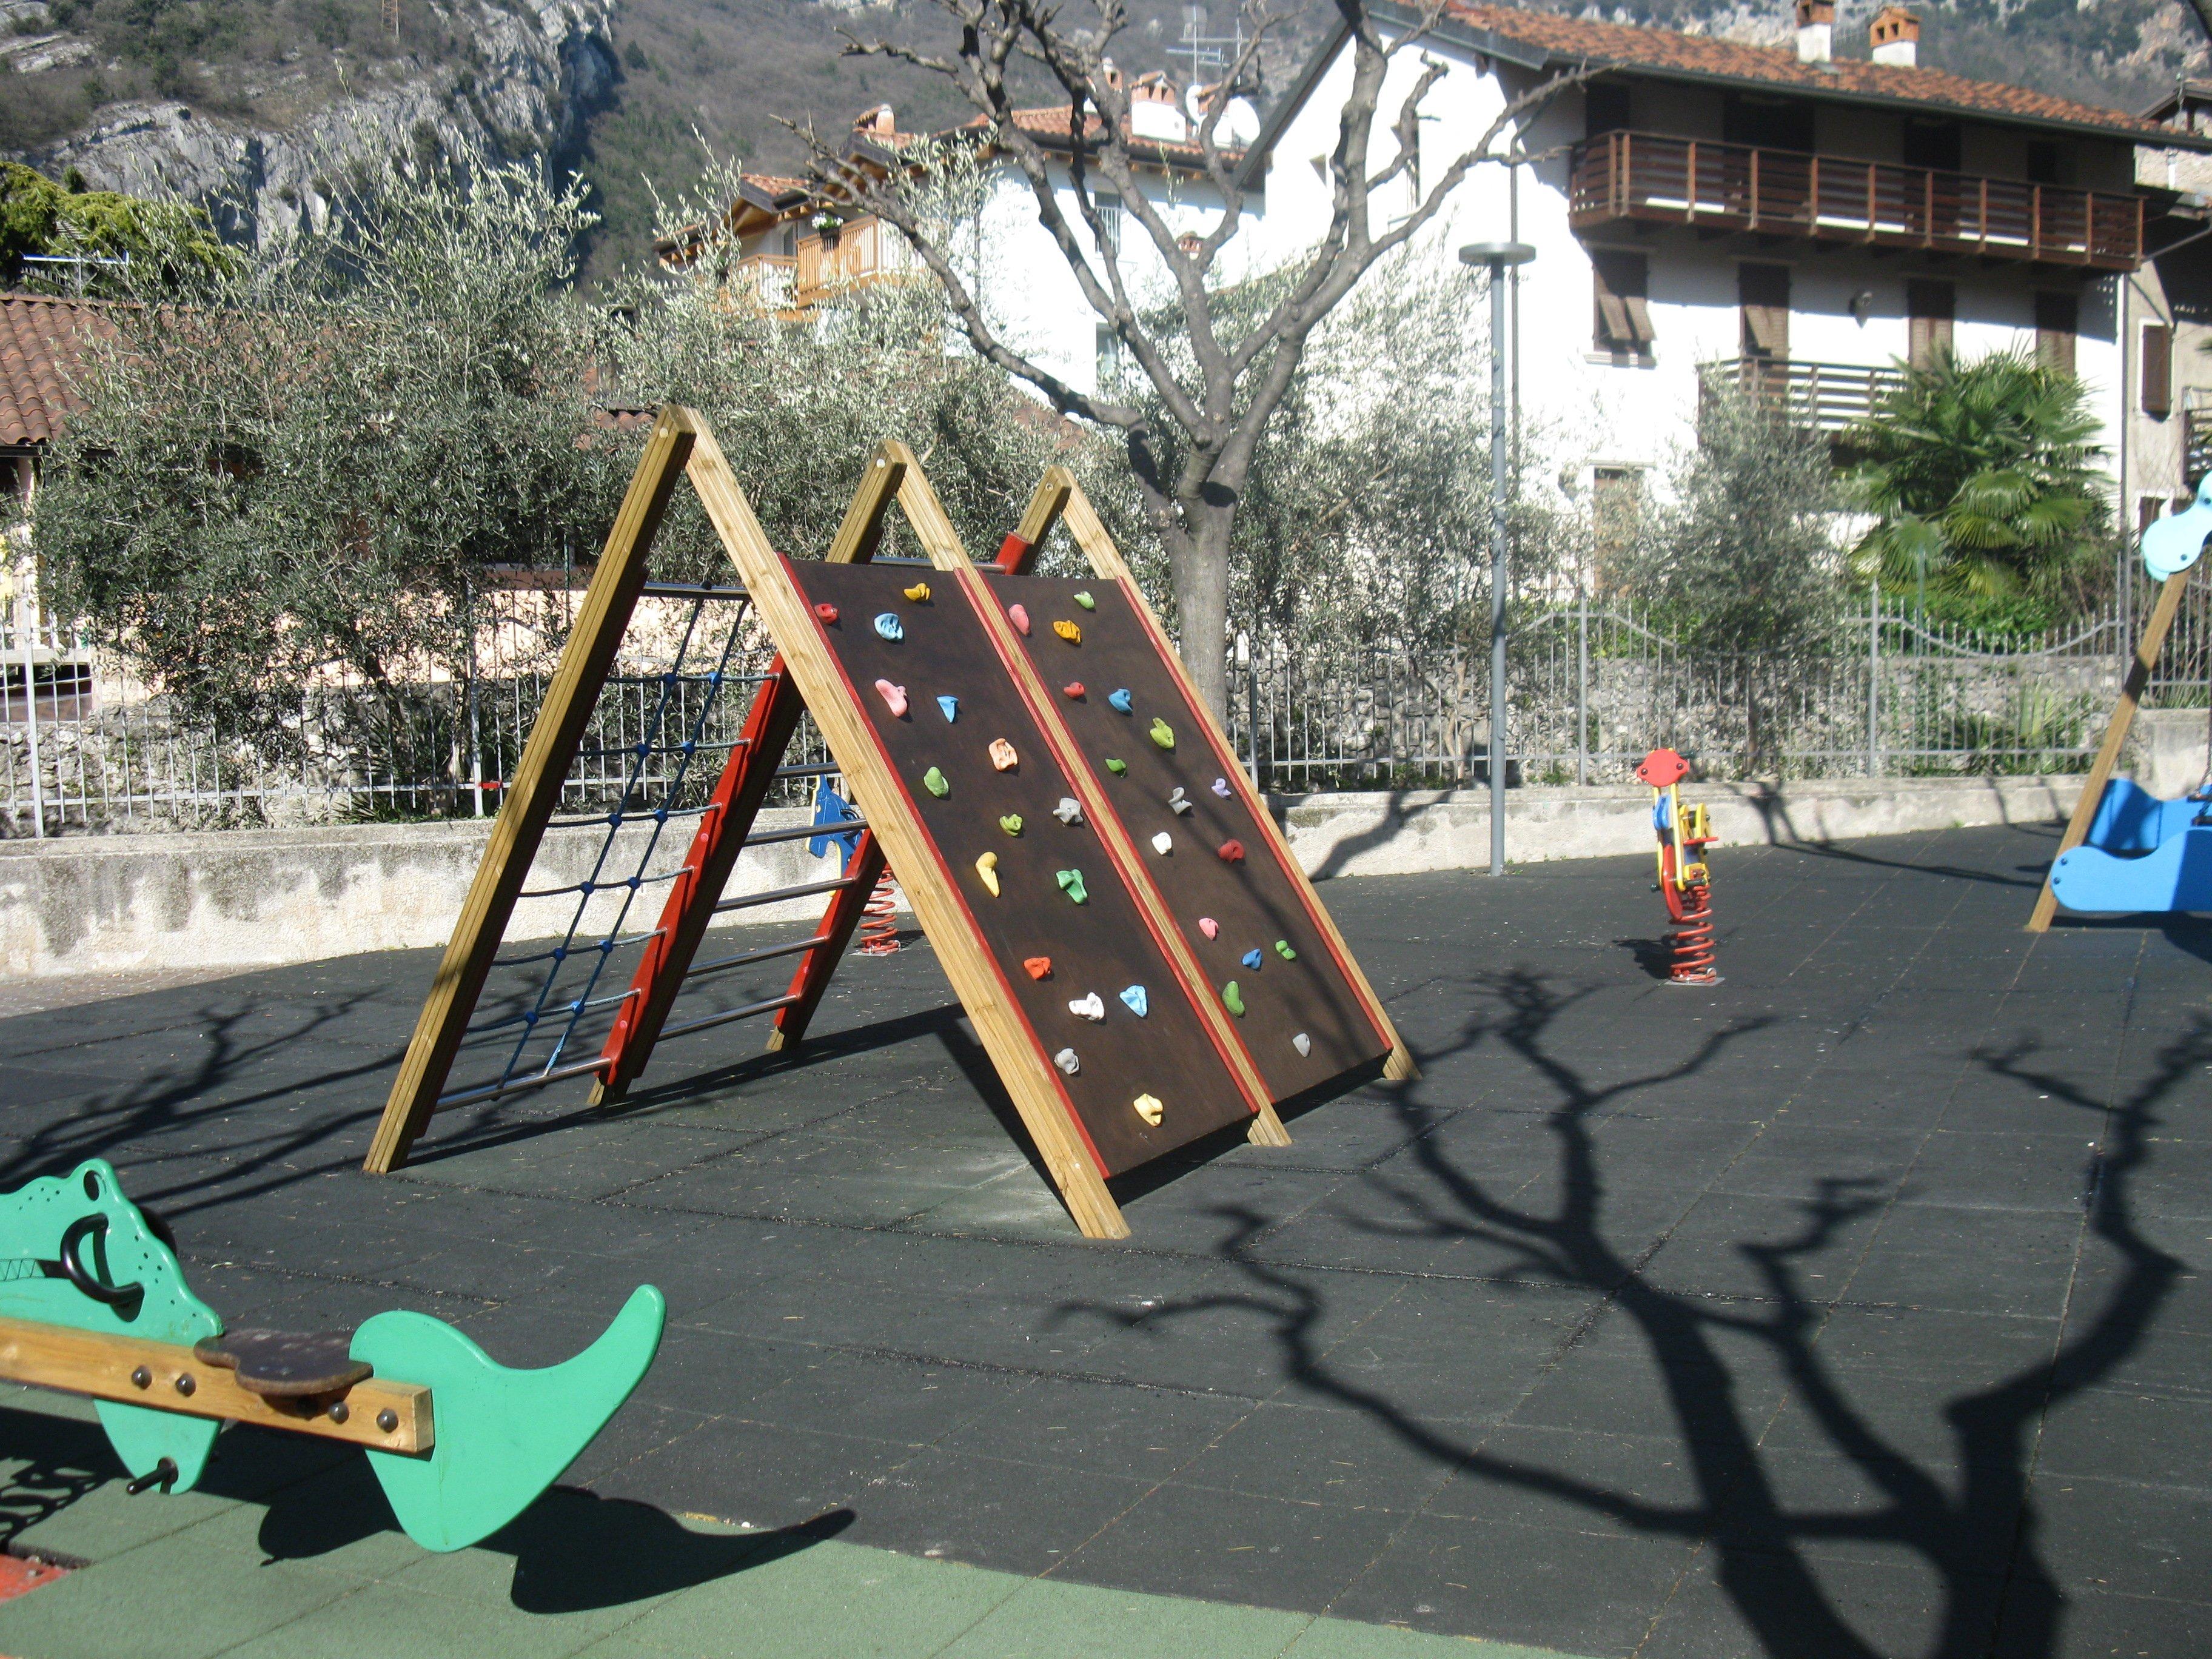 Parco giochi con piccola parete di scalata per bambini